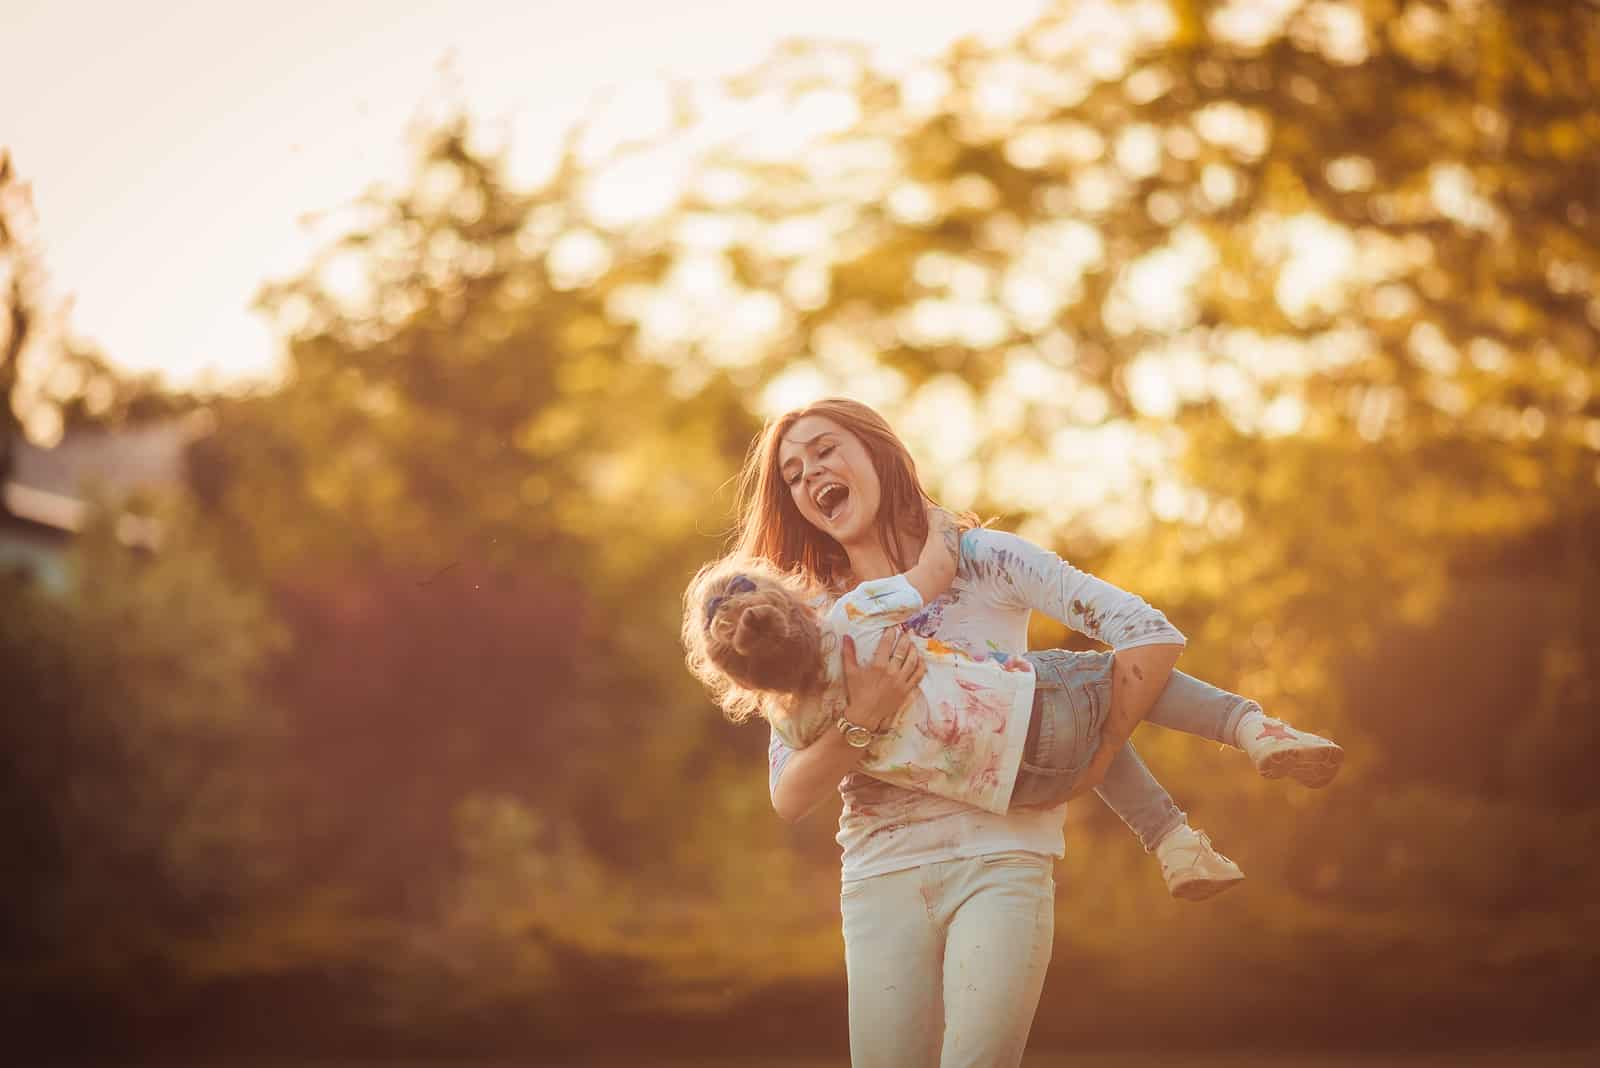 la mère porte sa fille dans ses bras et rit